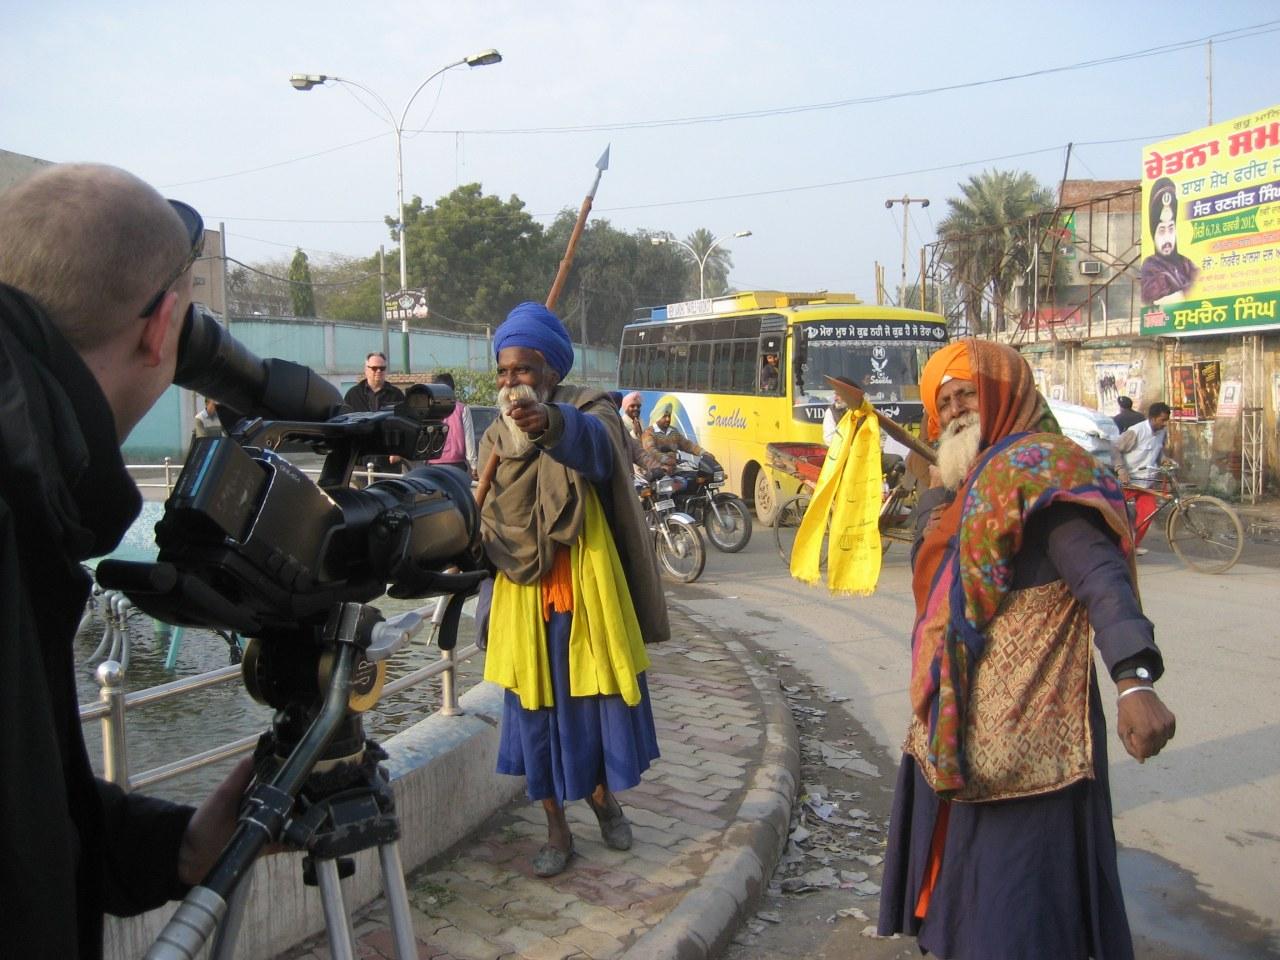 München in Indien - Bild 2